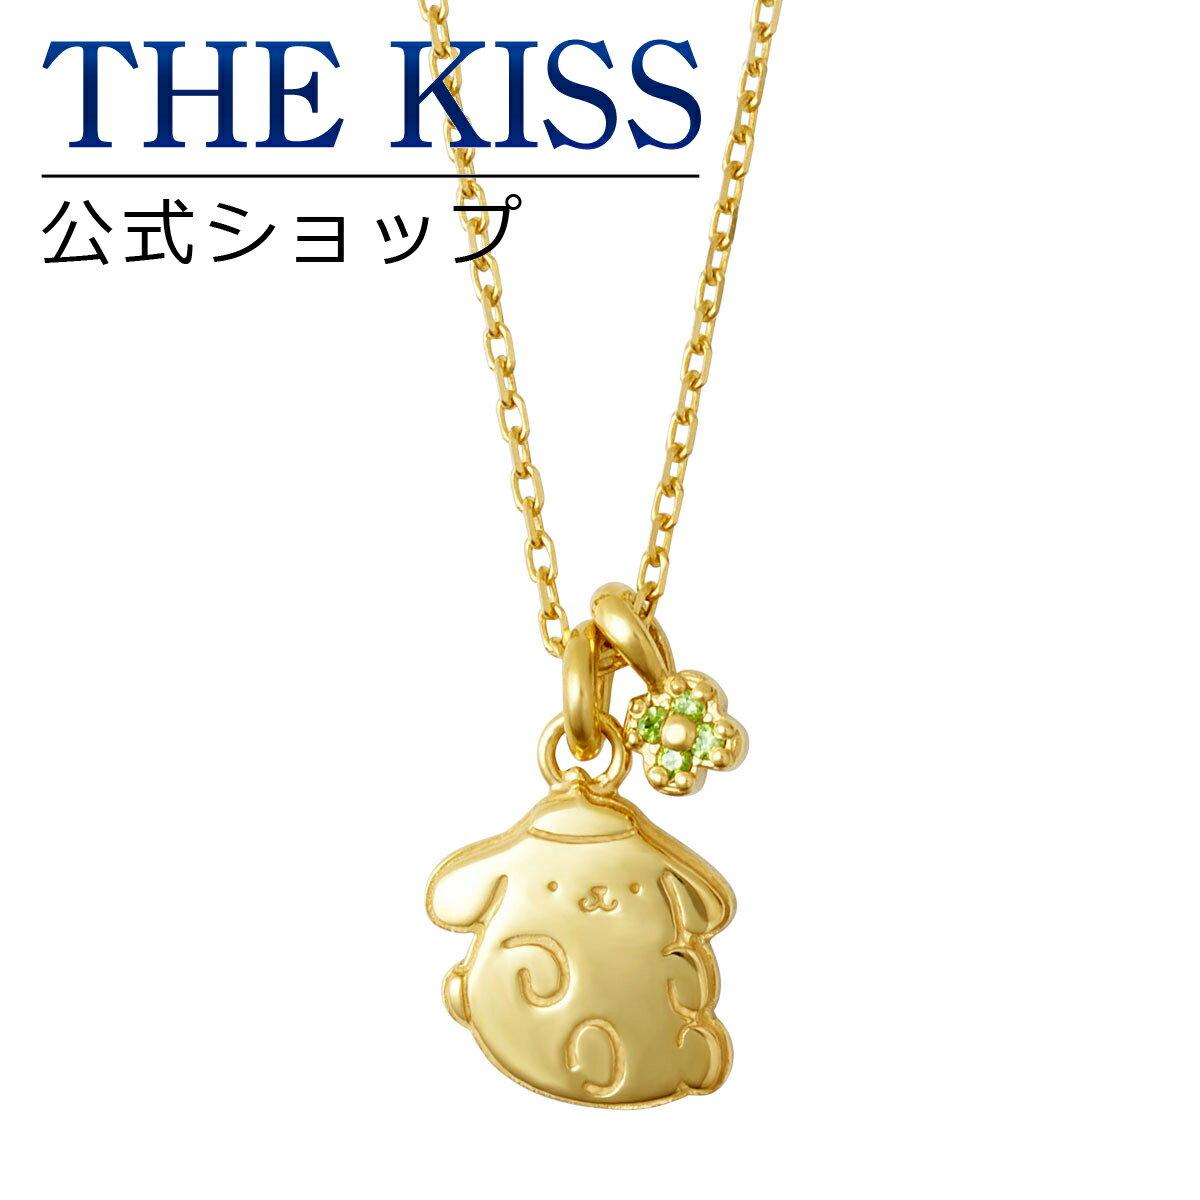 レディースジュエリー・アクセサリー, ネックレス・ペンダント THE KISS SILVER Ladies Necklace couple PM-SN702CB